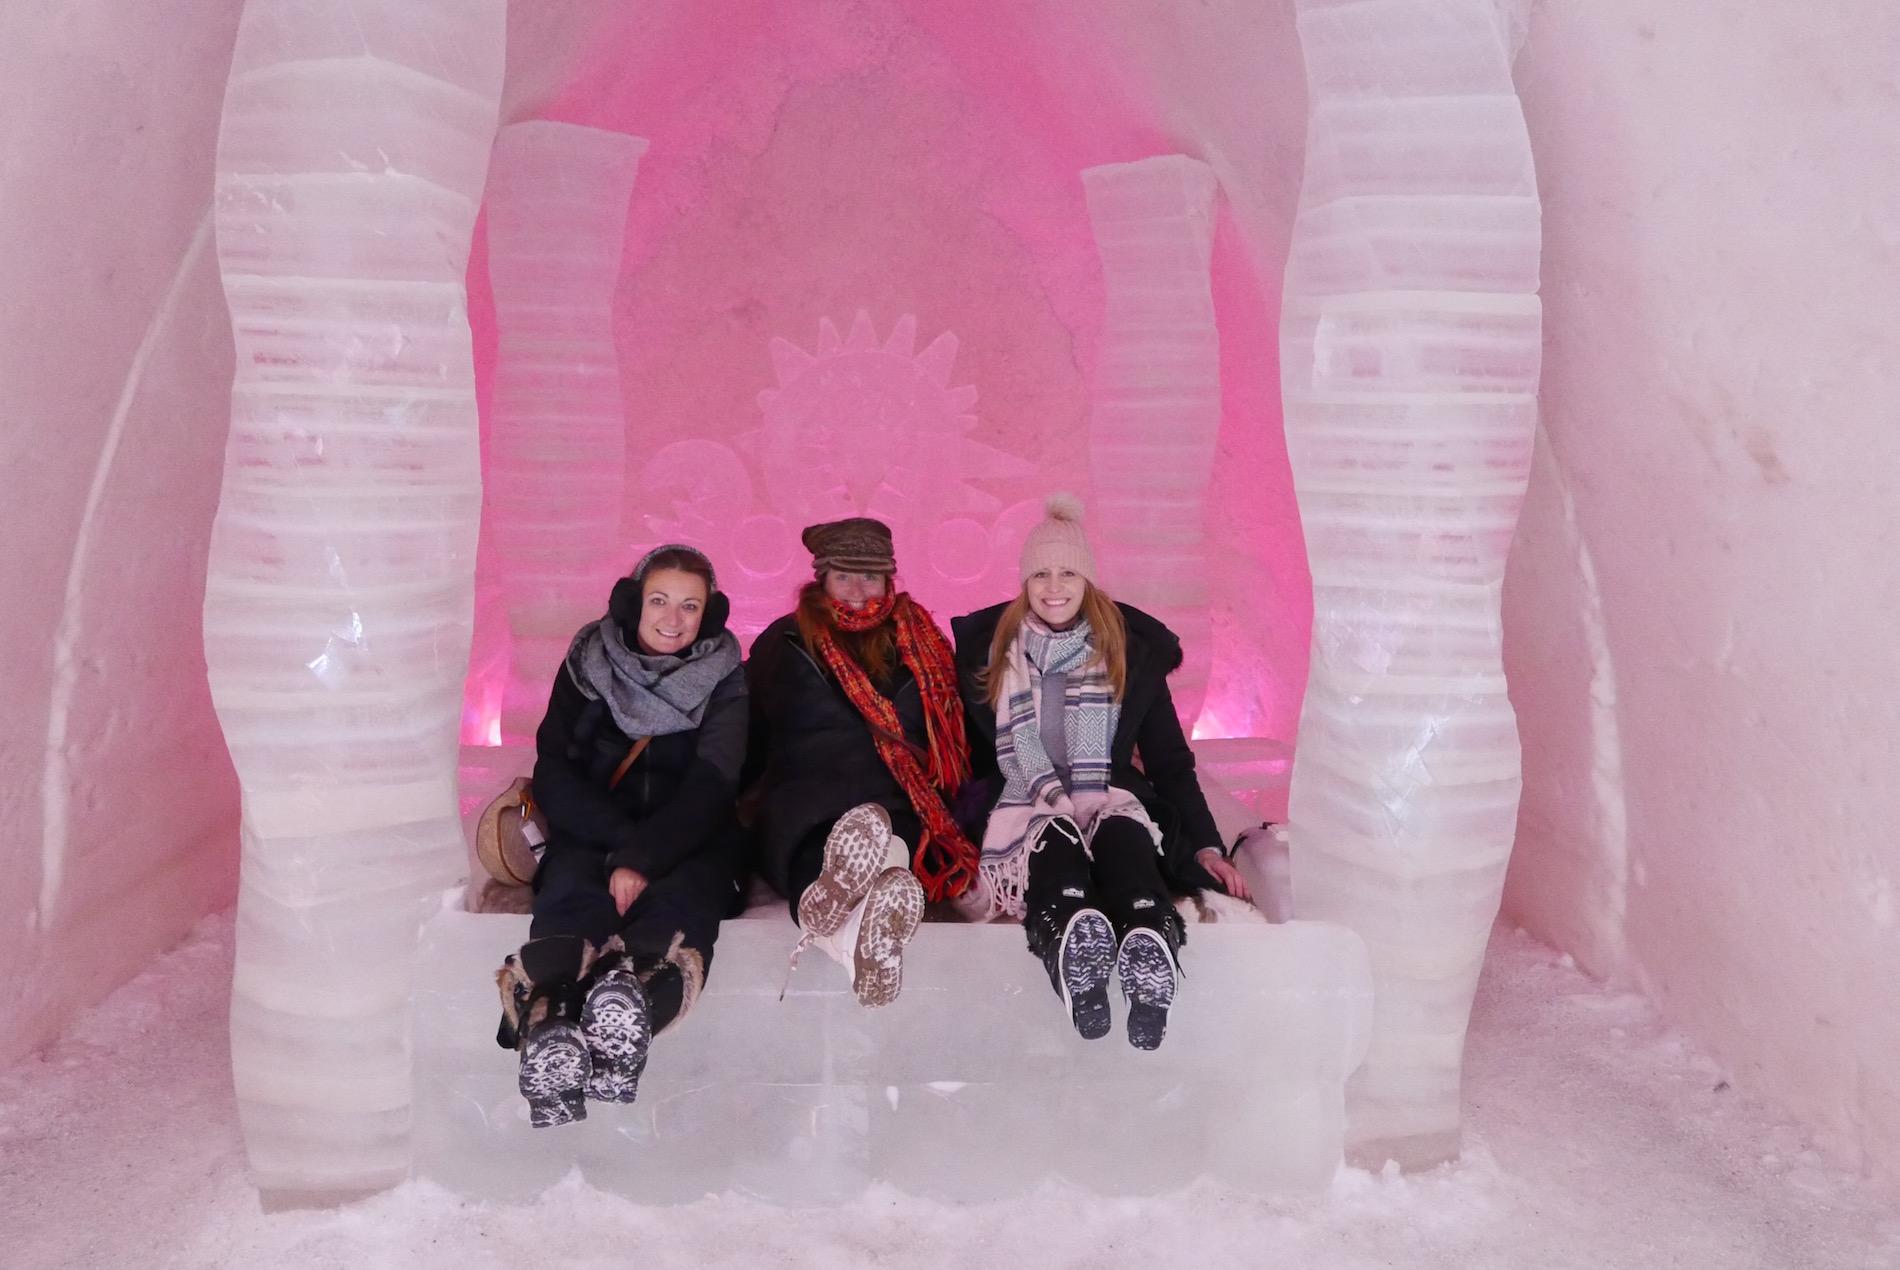 arctic-snow-hotel-lapland-finland-10